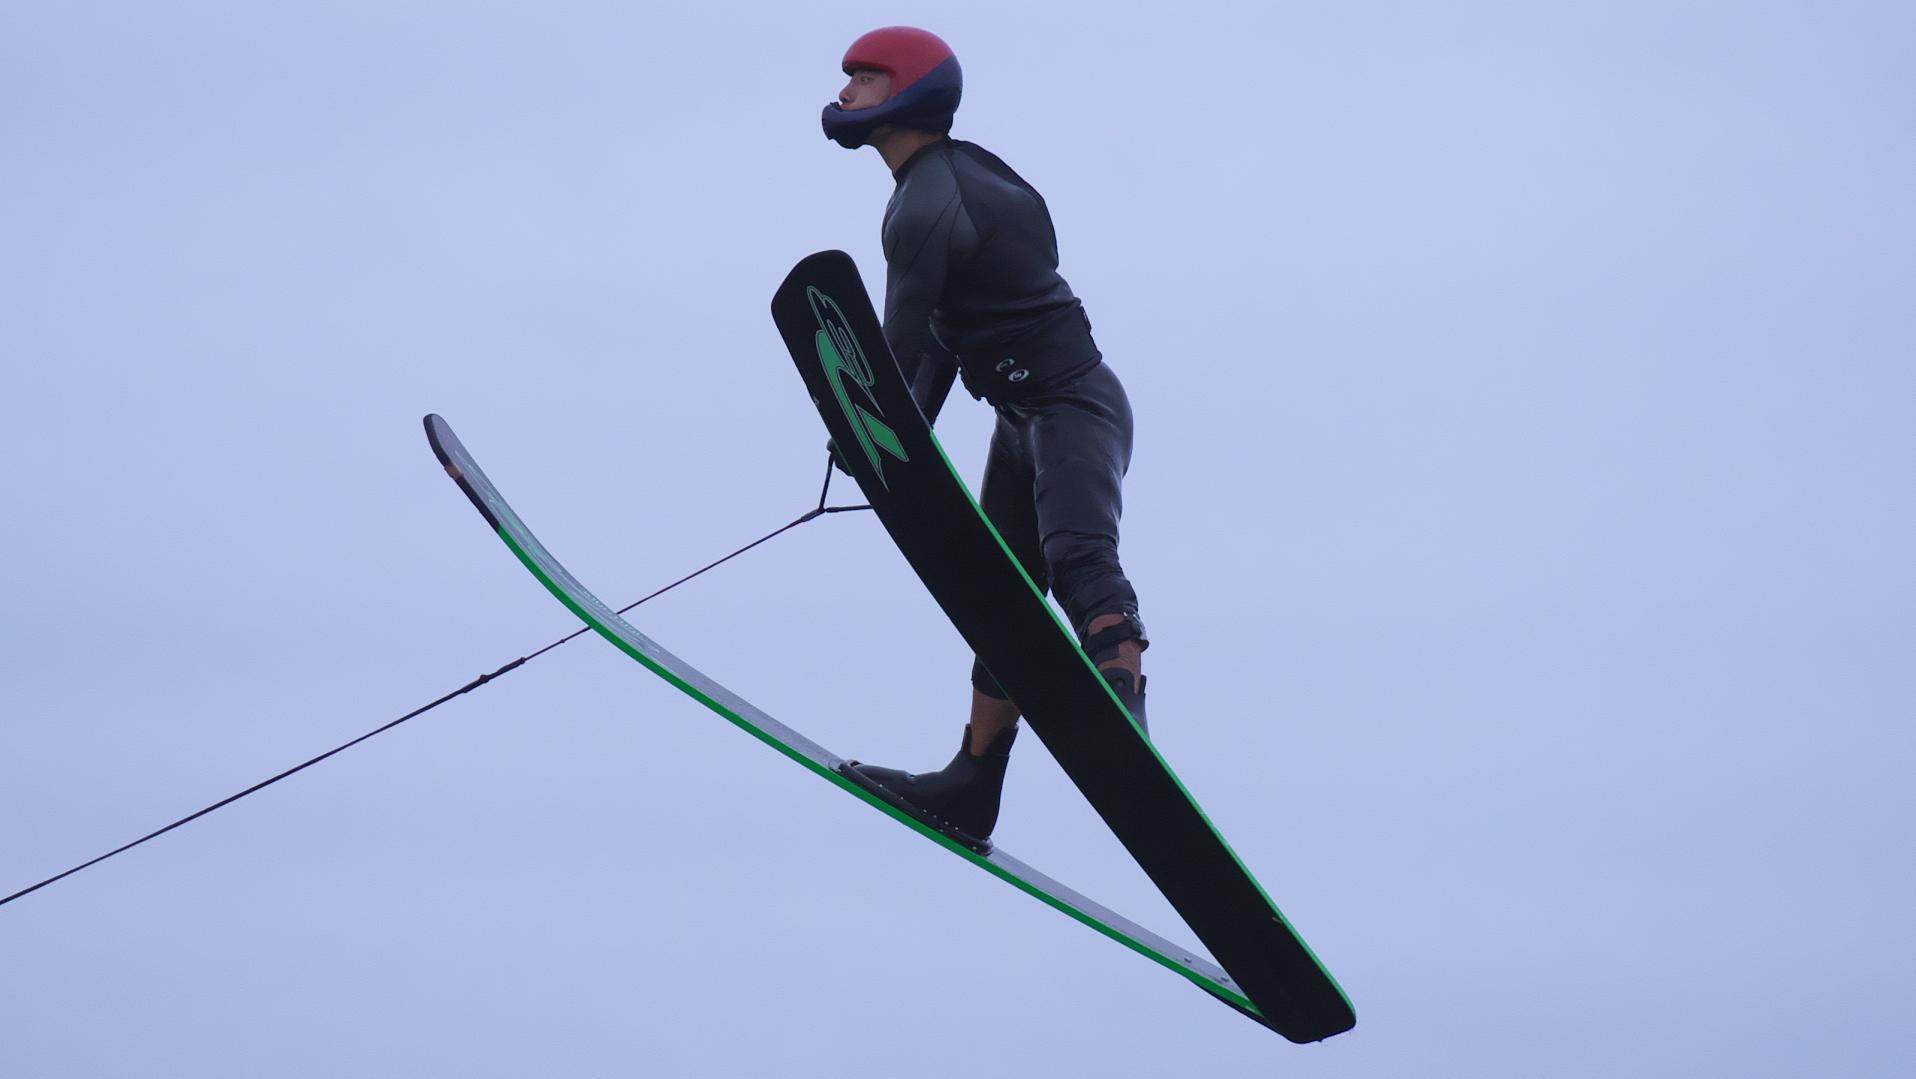 男子ジャンプ、背景は空のみ高い飛翔